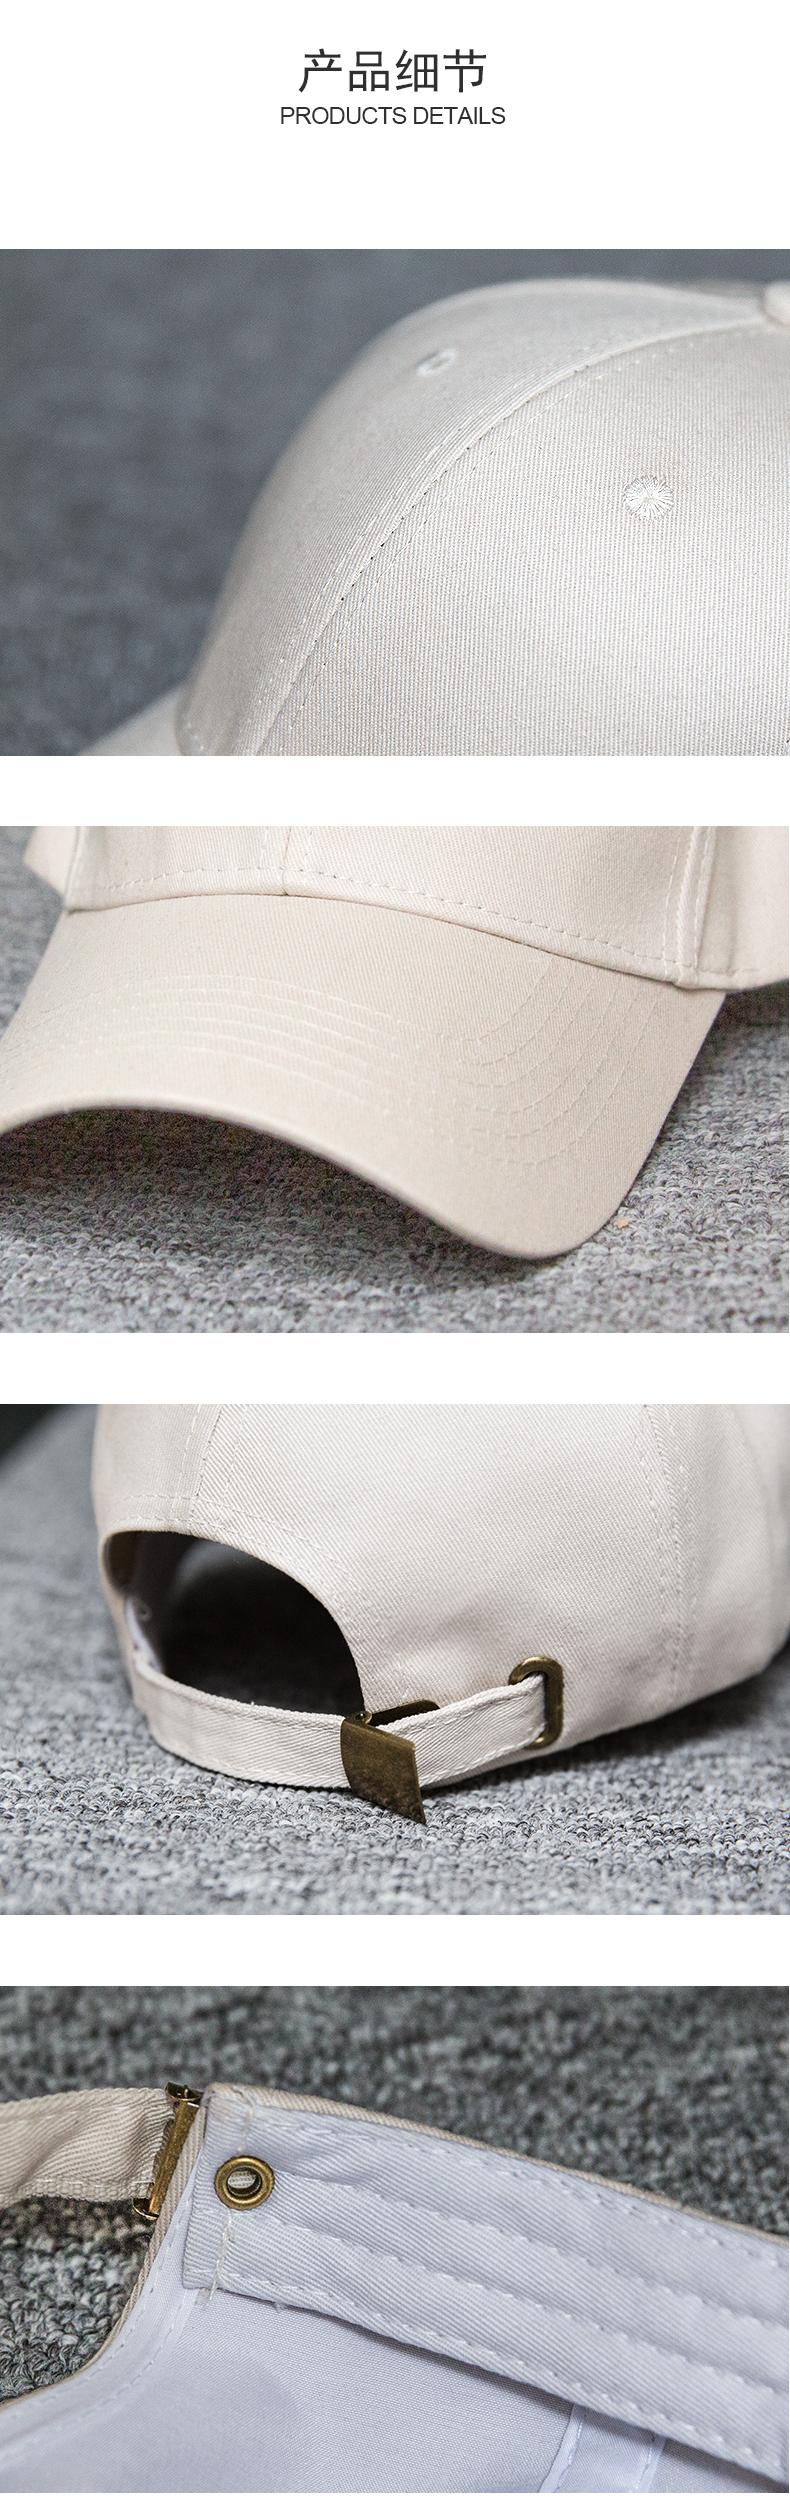 愛沙尼亞Estonia國家鴨舌帽學生休閑防曬帽遮陽帽棒球帽 city